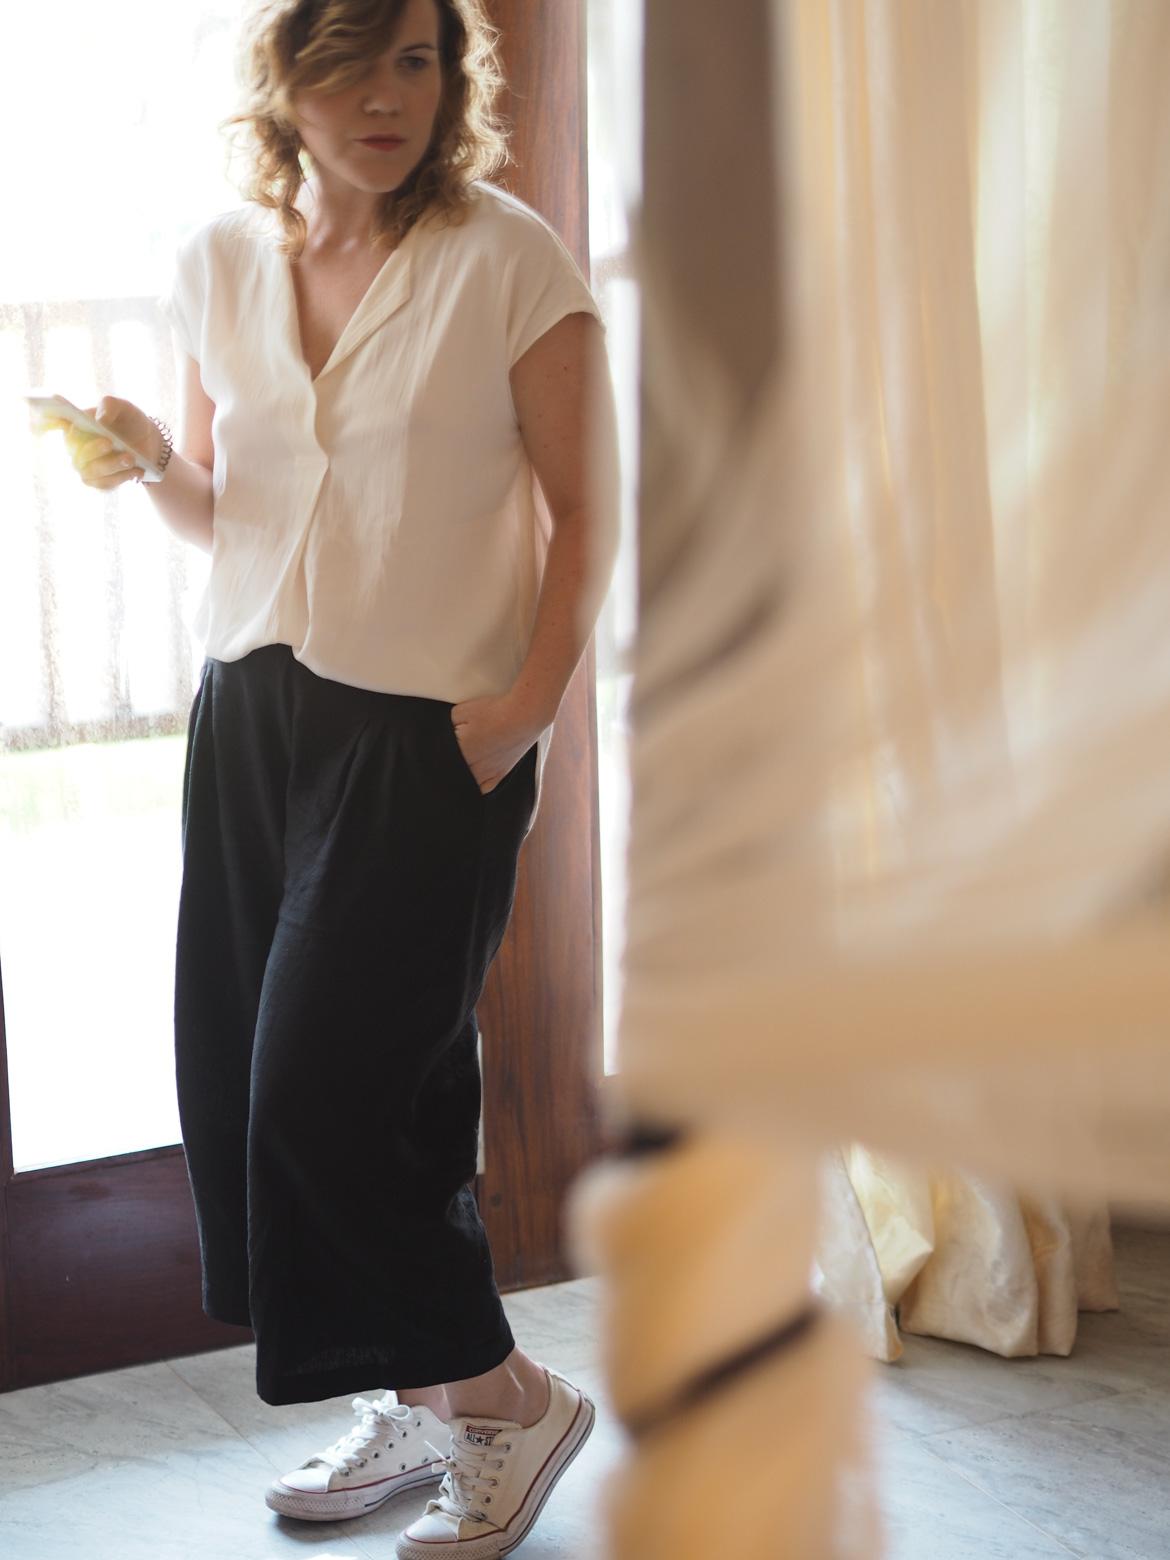 pantalón perfecto para viajes de trabajo y placer